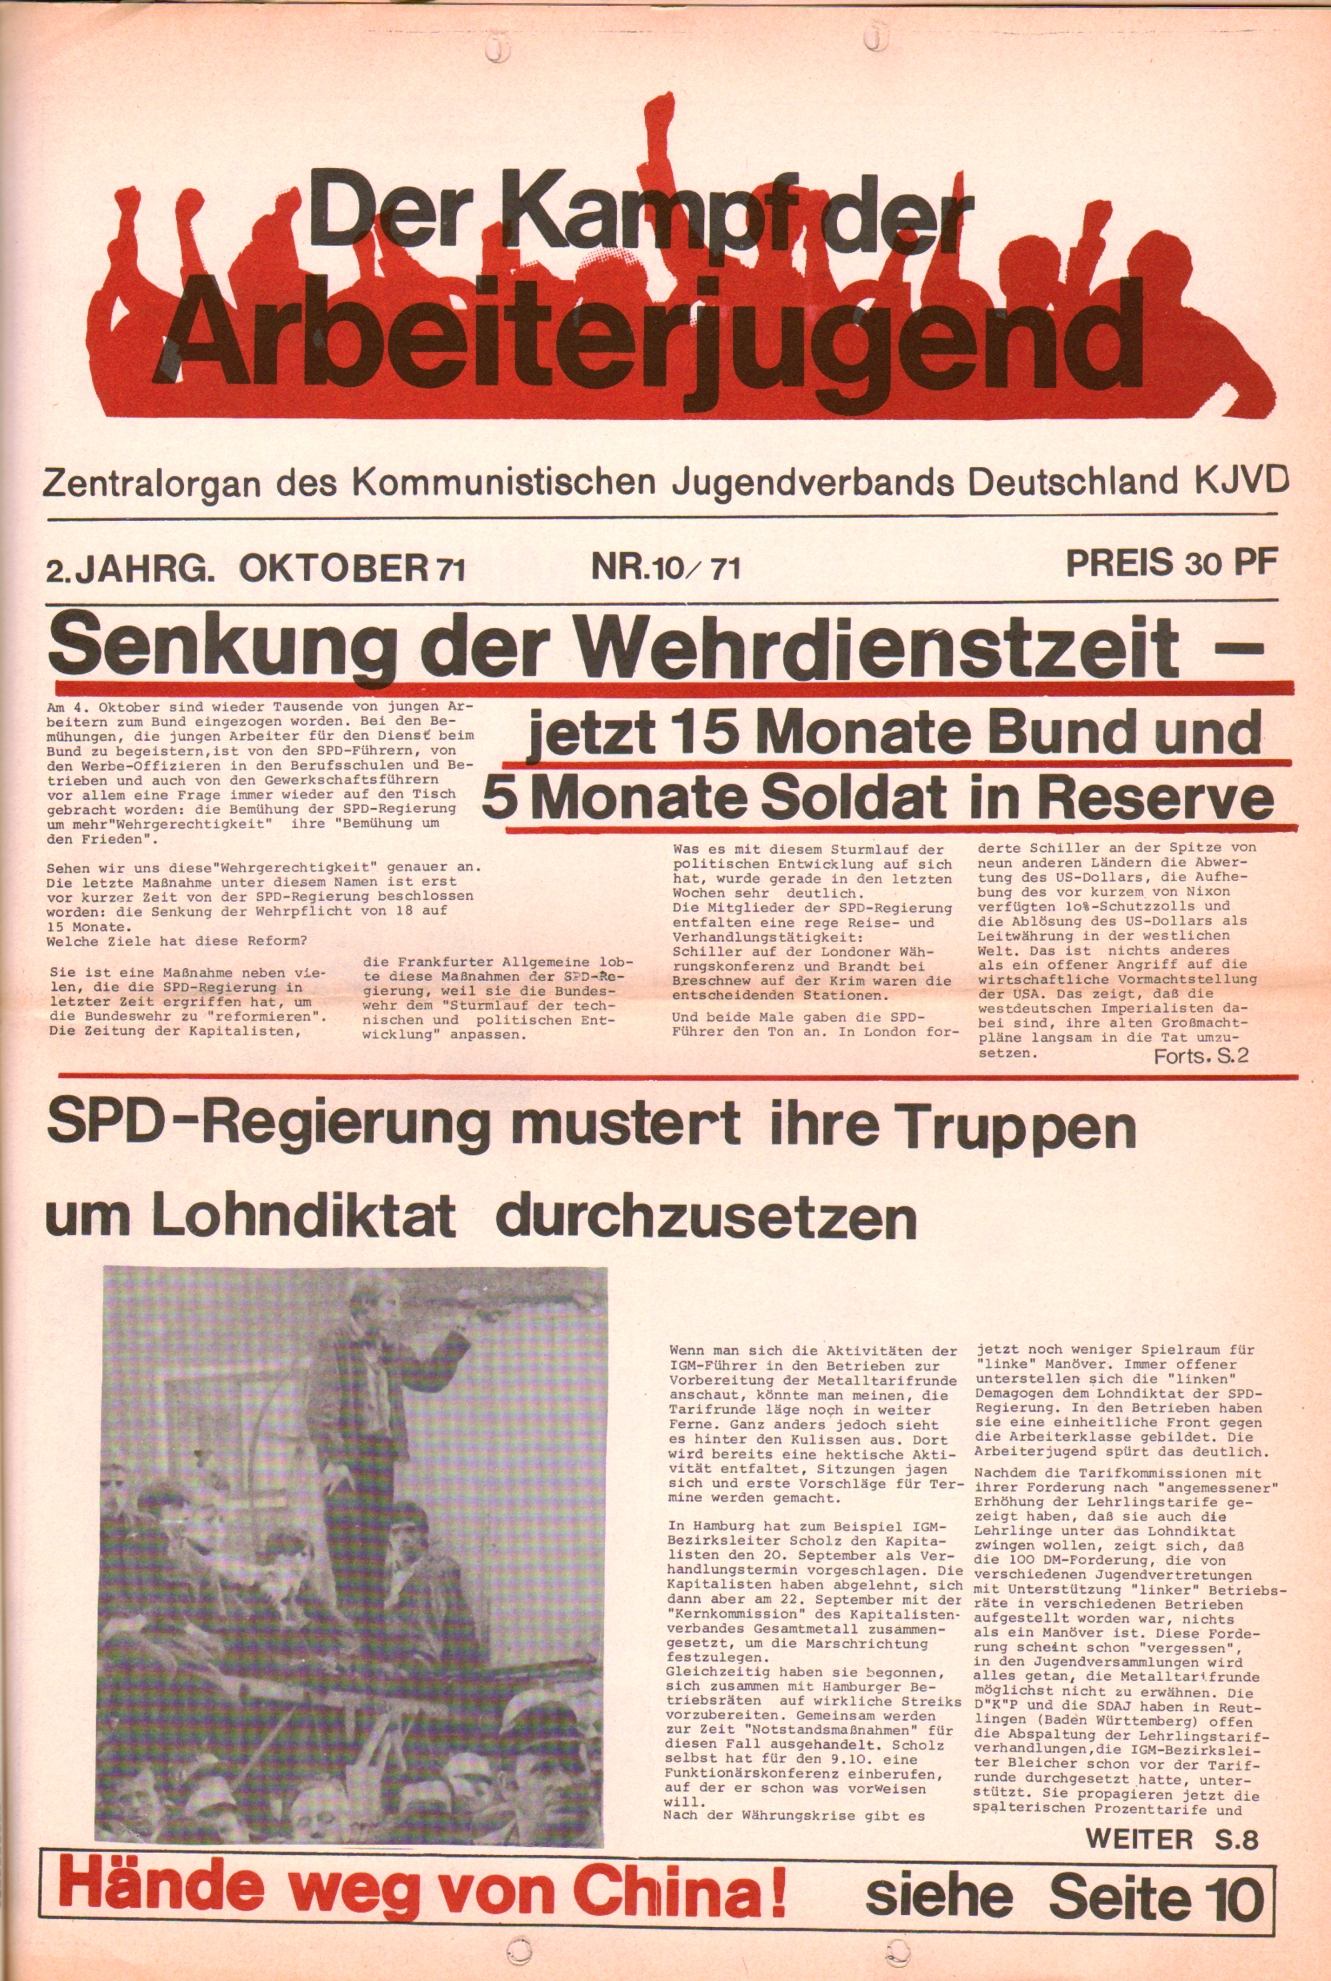 KDAJ, 2. Jg., Oktober 1971, Nr. 10, Seite 1